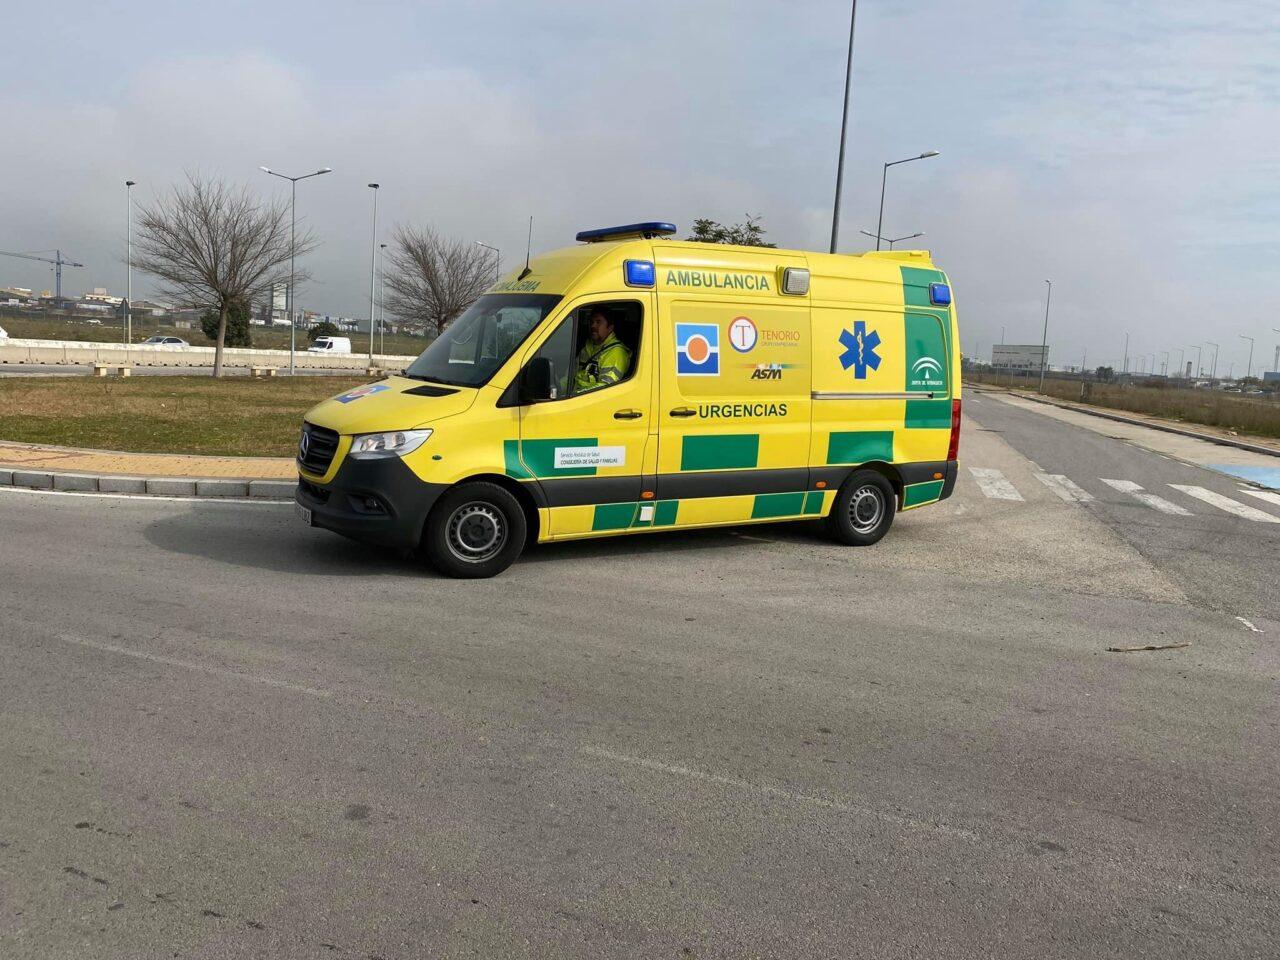 https://ambulanciastenorio.com/wp-content/uploads/2020/05/IMG_0838-1280x960.jpg